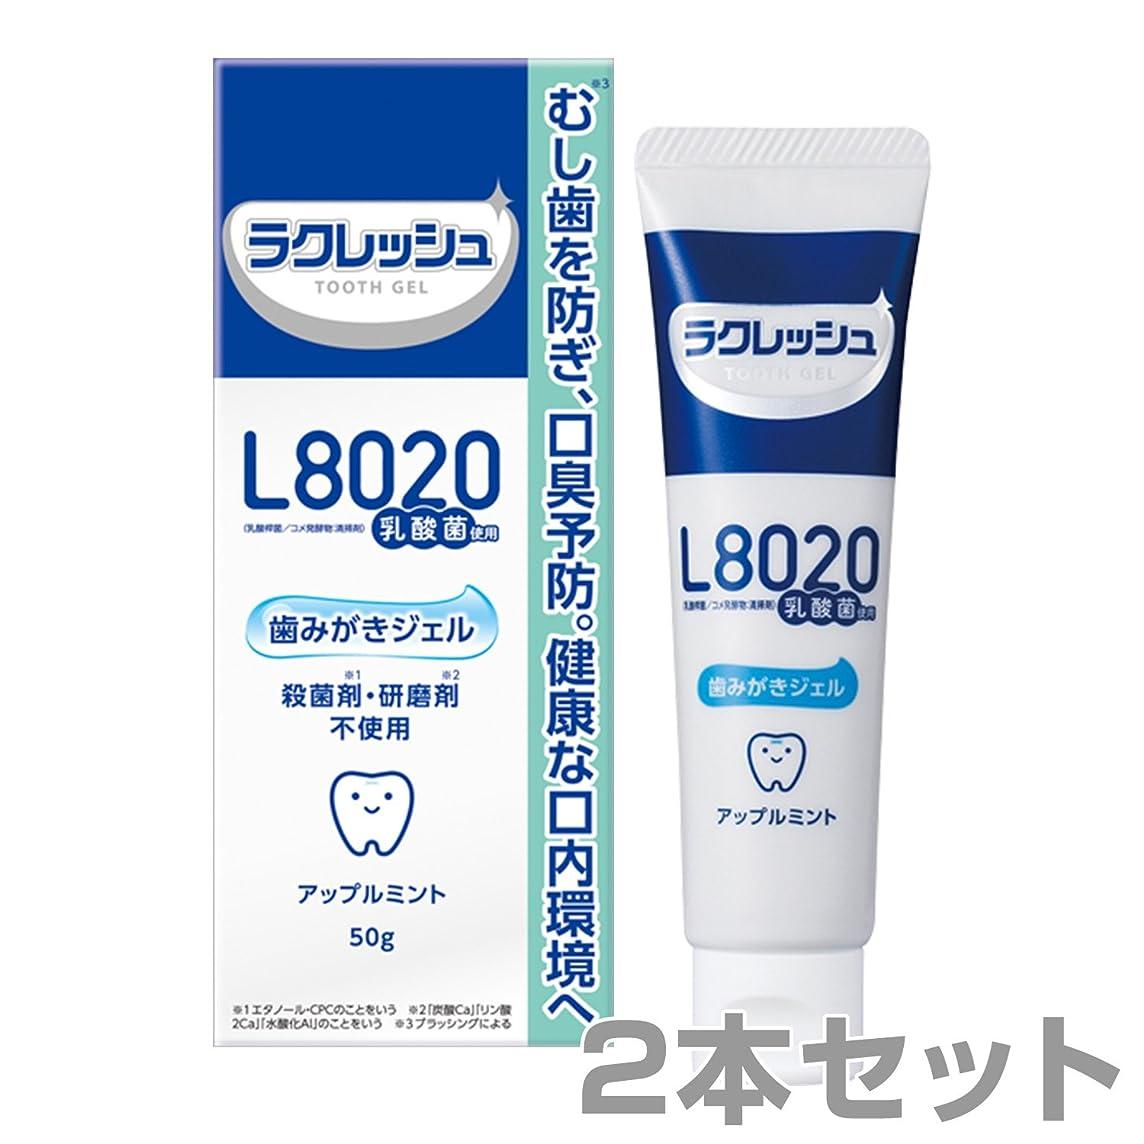 貸し手天の多様体ジェクス(JEX) ラクレッシュ L8020 乳酸菌 歯みがきジェル (50g) 2本セット アップルミント風味